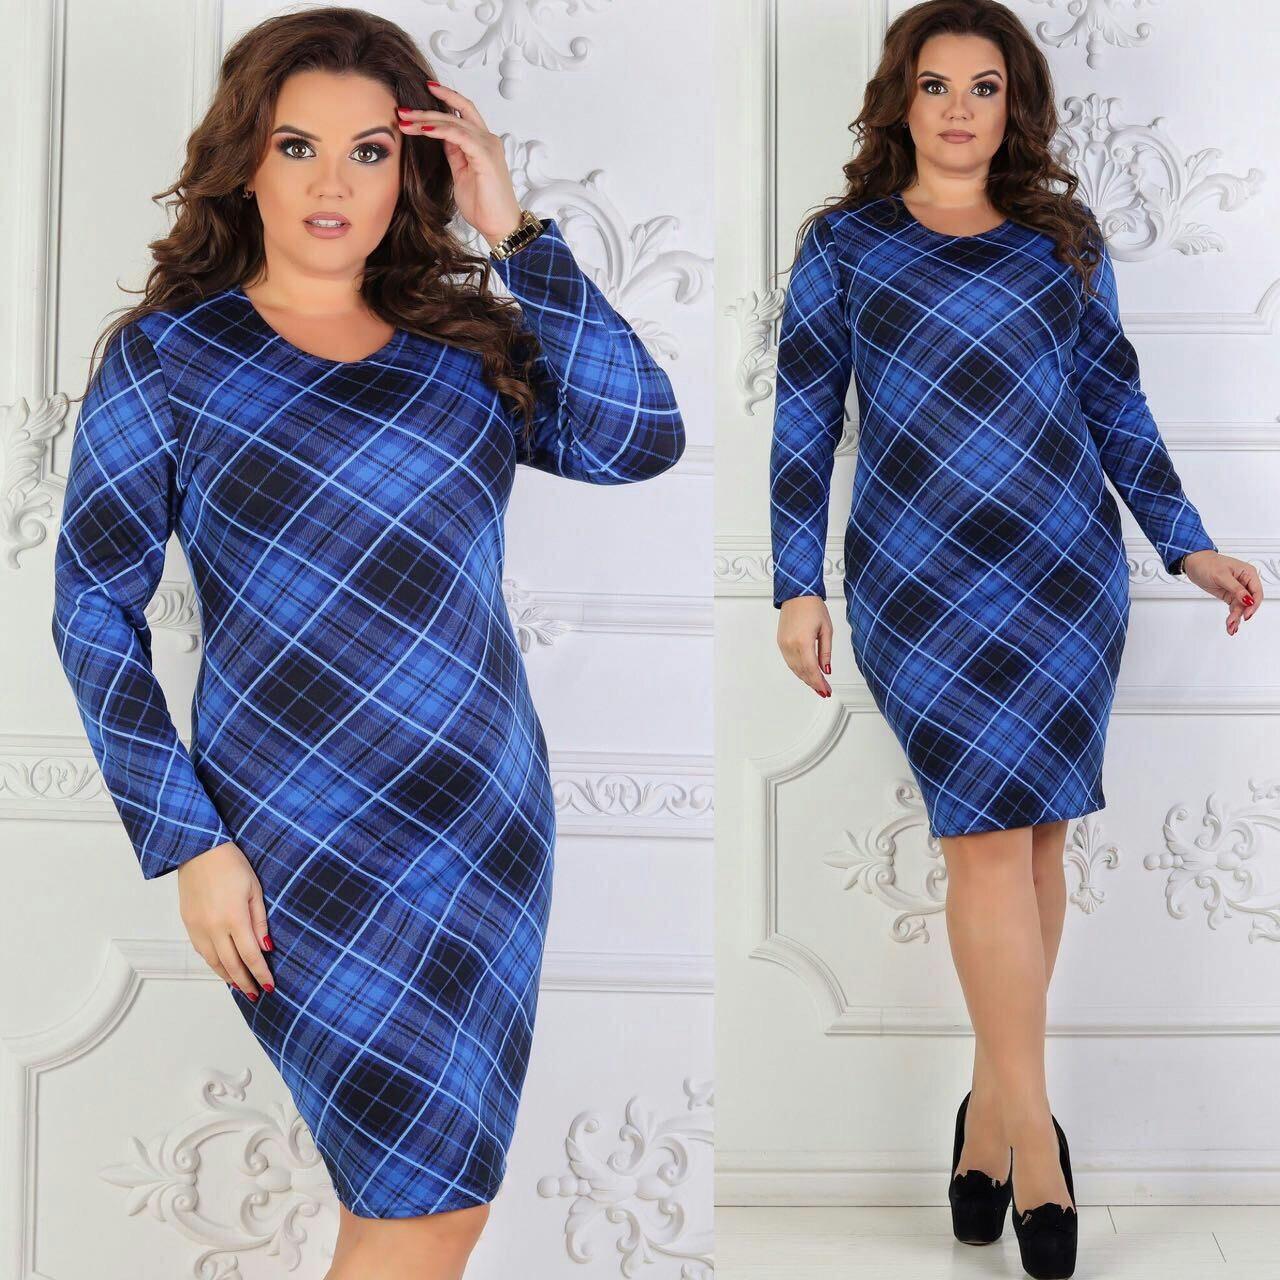 """Красивое женское платье """"Французский трикотаж с добавление Ангоры"""" є 50, 52, 54, 56 размеры баталы"""